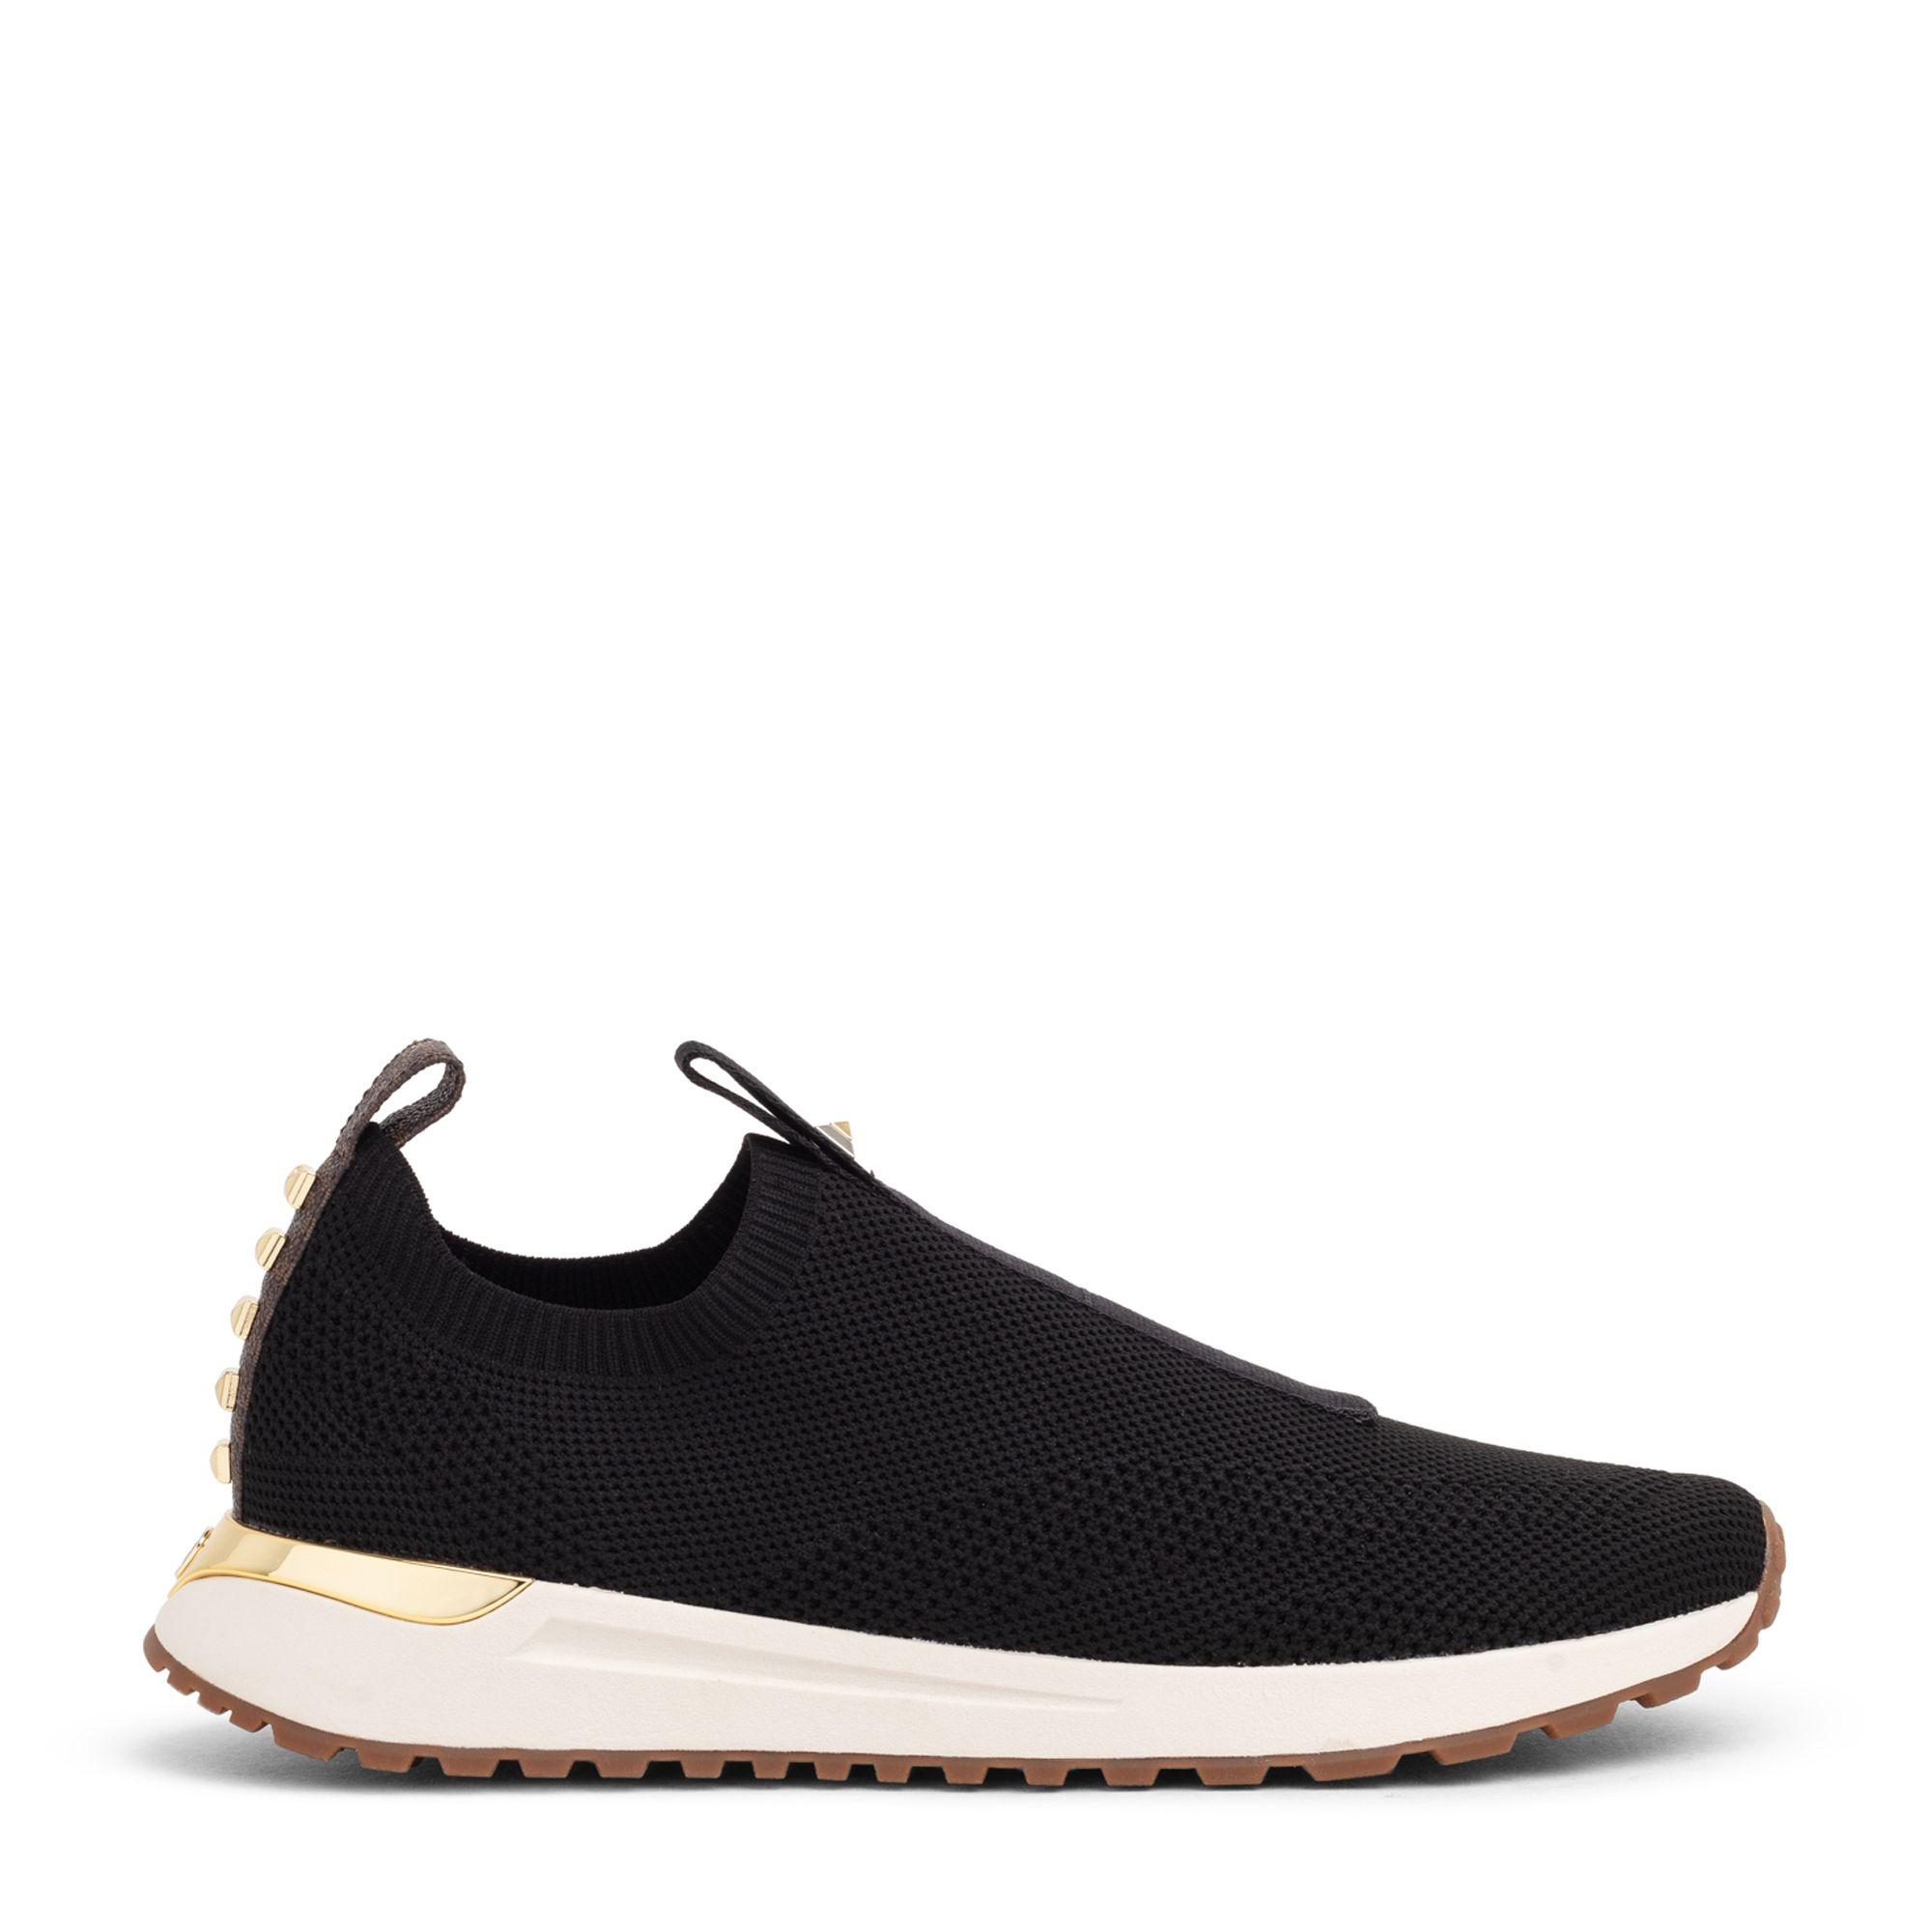 Bodie sneakers